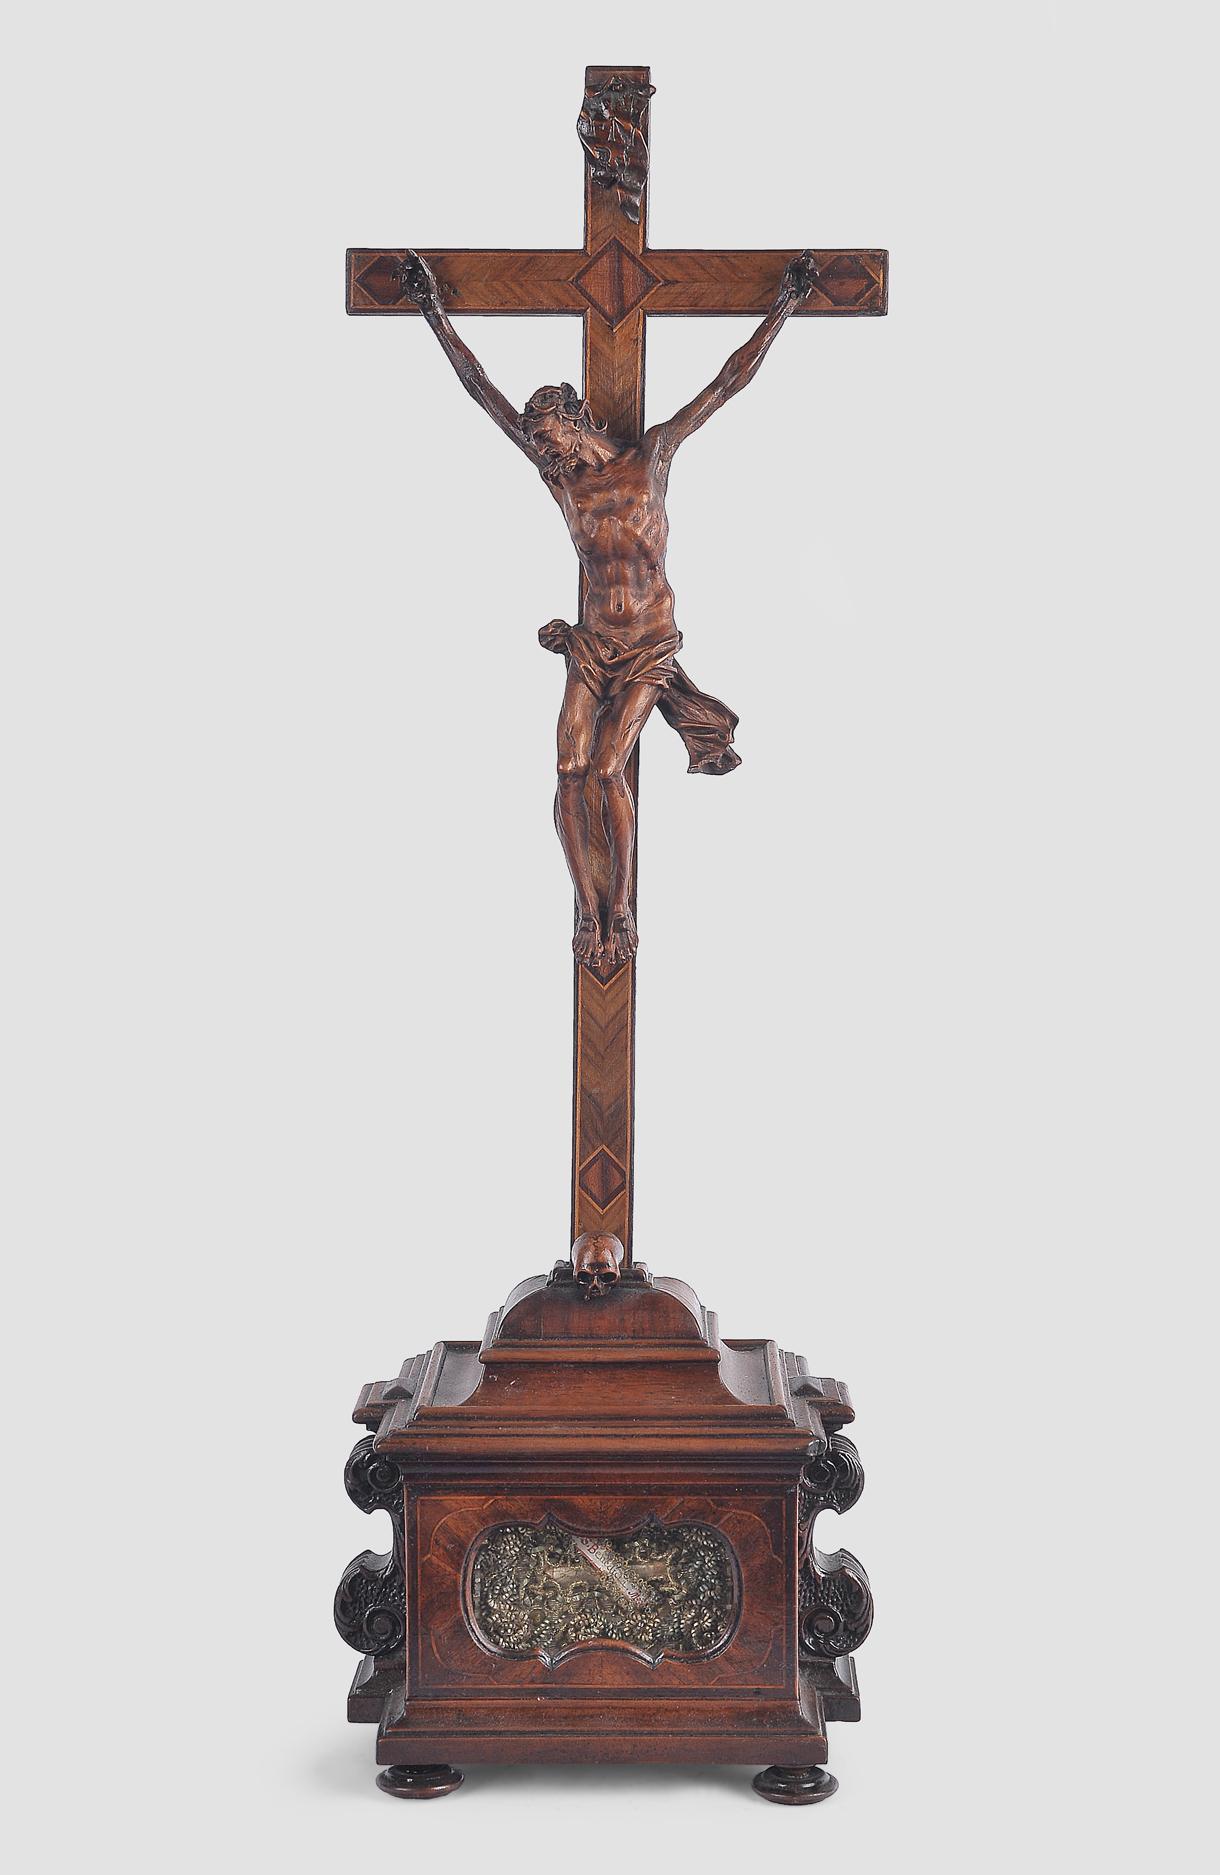 Standkreuz, Süddeutsch, um 1750, Nussholz